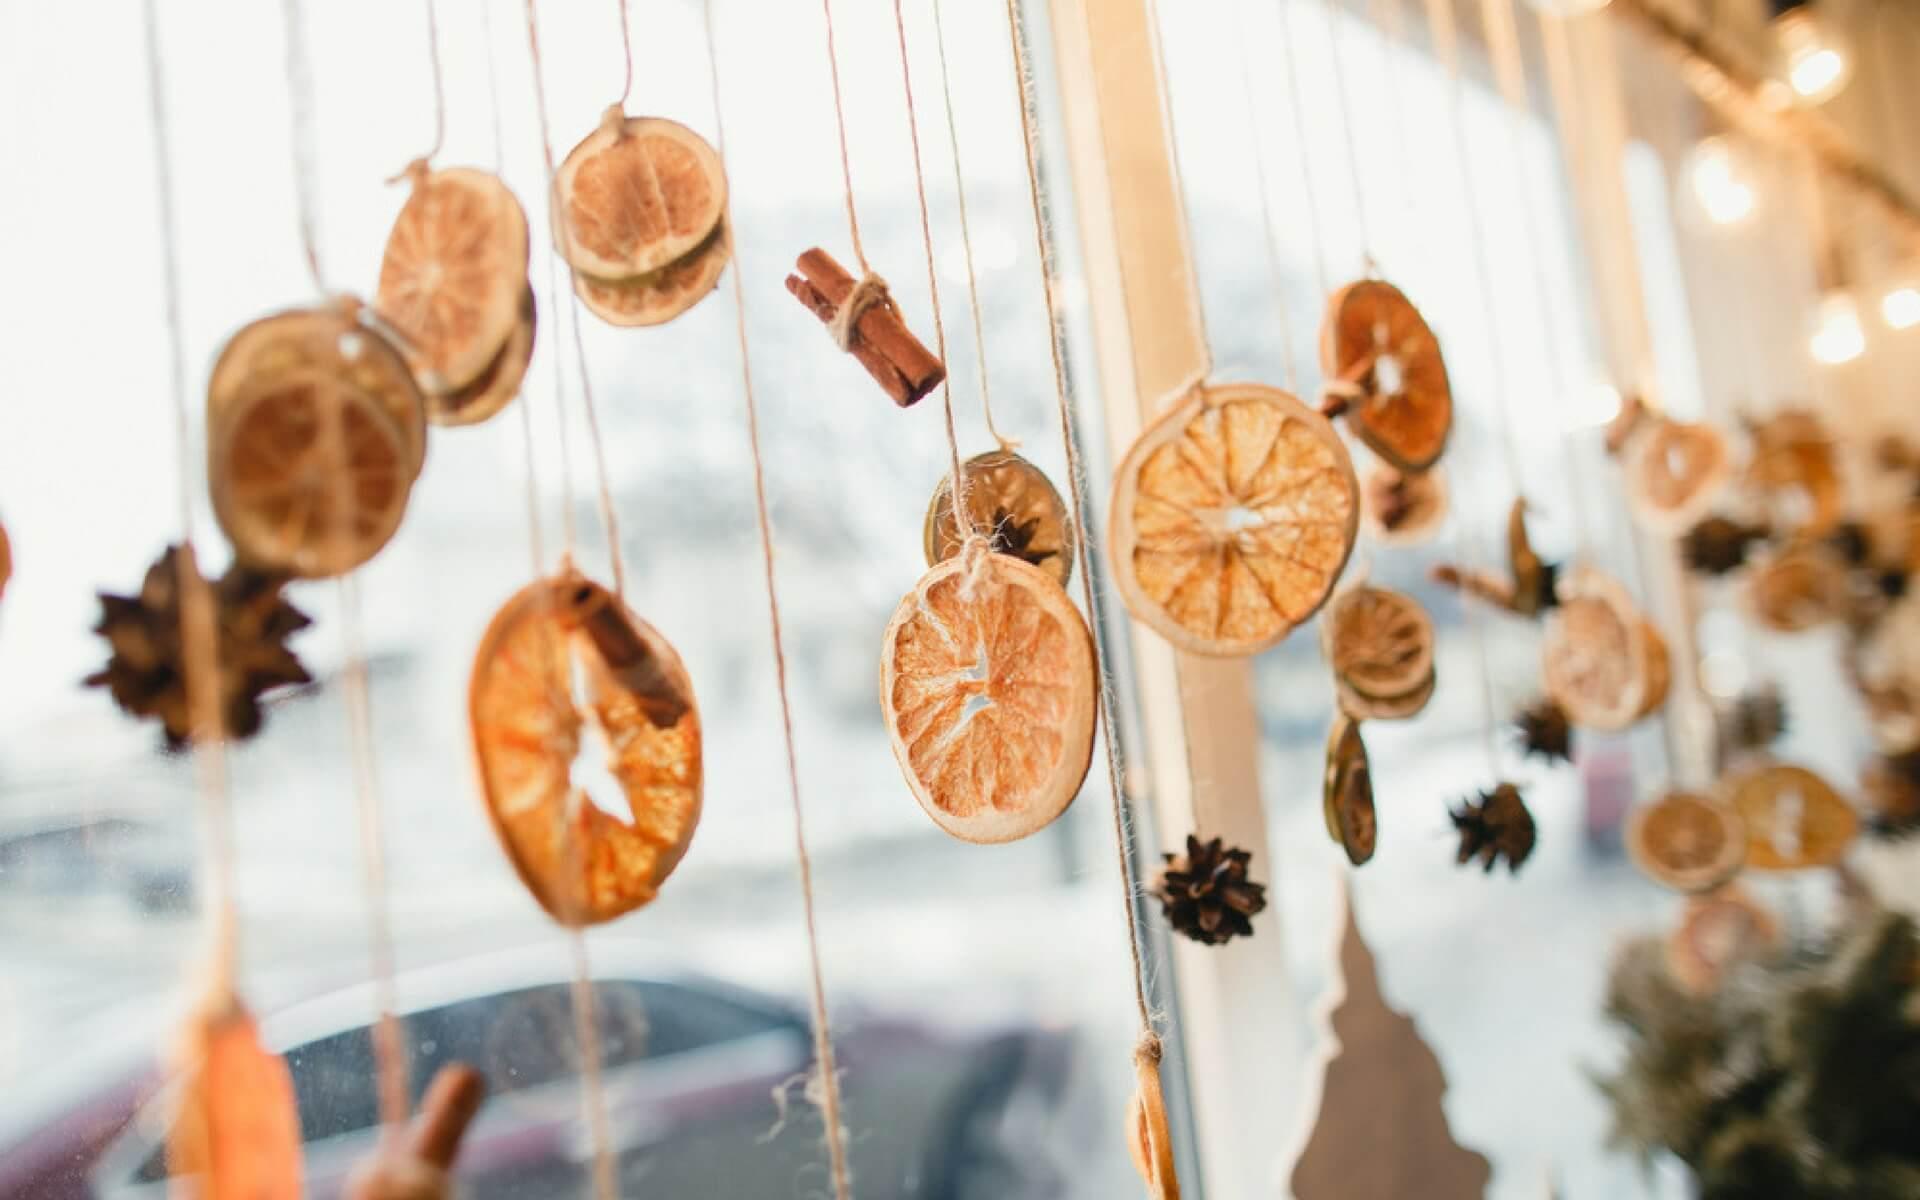 I vari passaggi per realizzare una profumata tenda natalizia con arance, chiodi di garofano e cannella